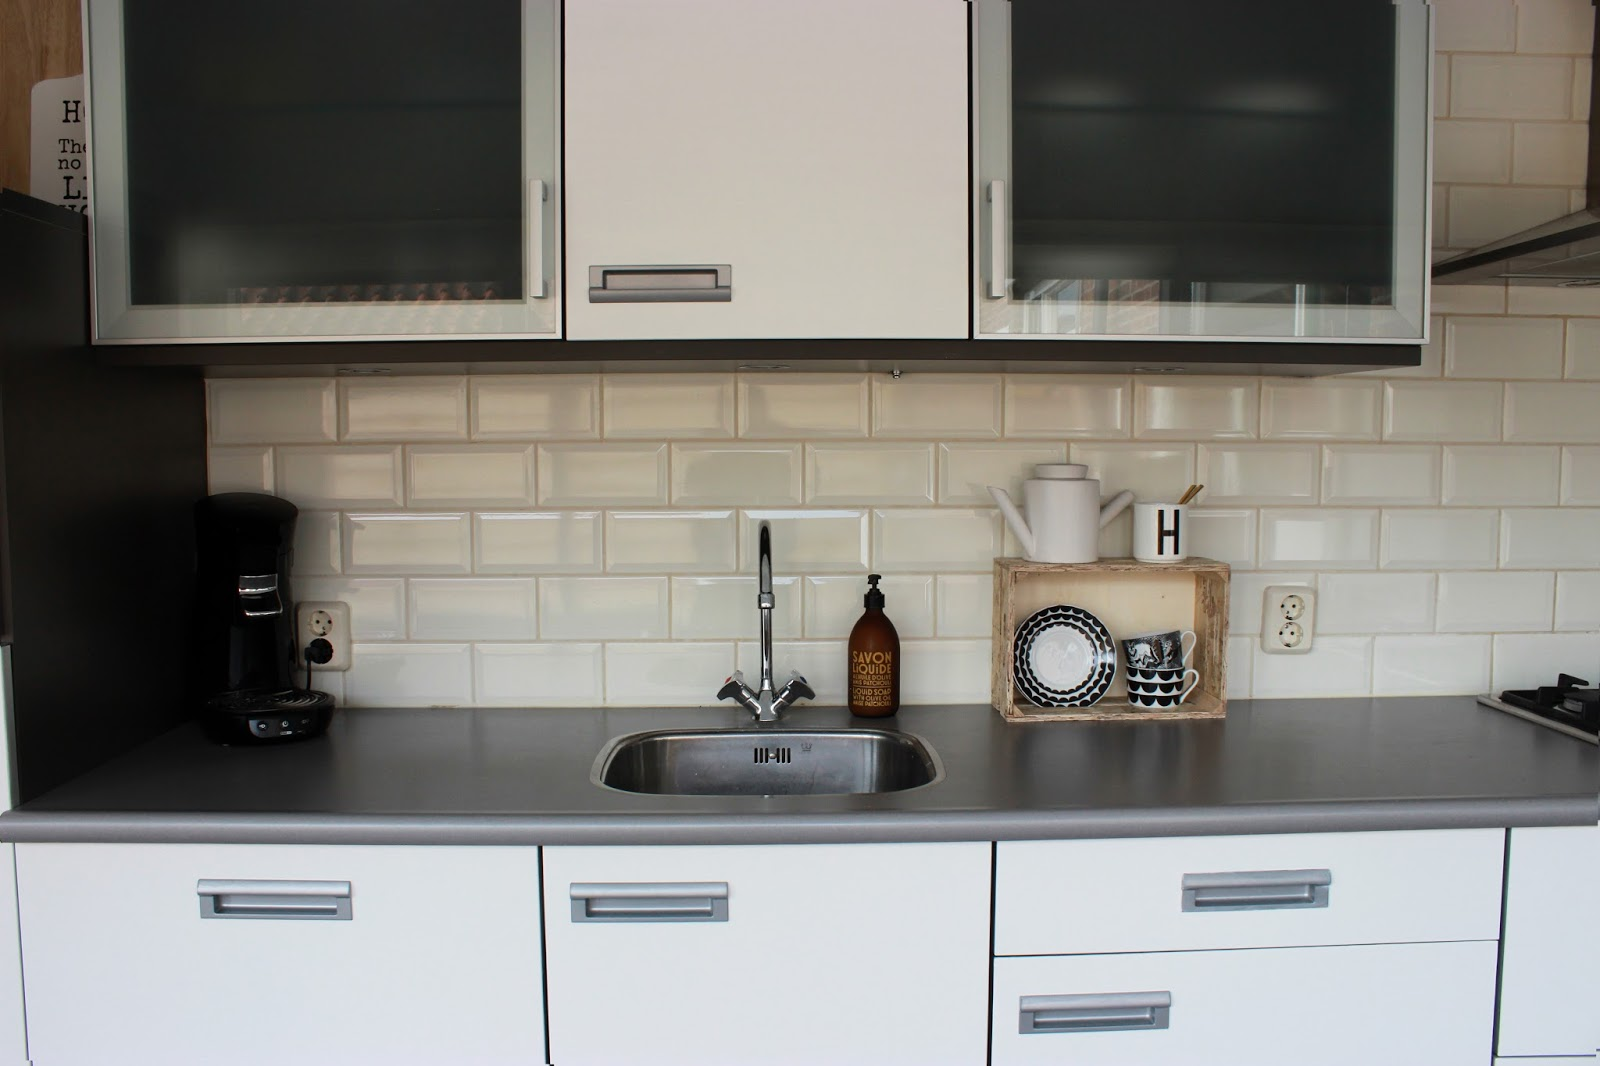 Huisjeaandehaven low budget een nieuwe keuken